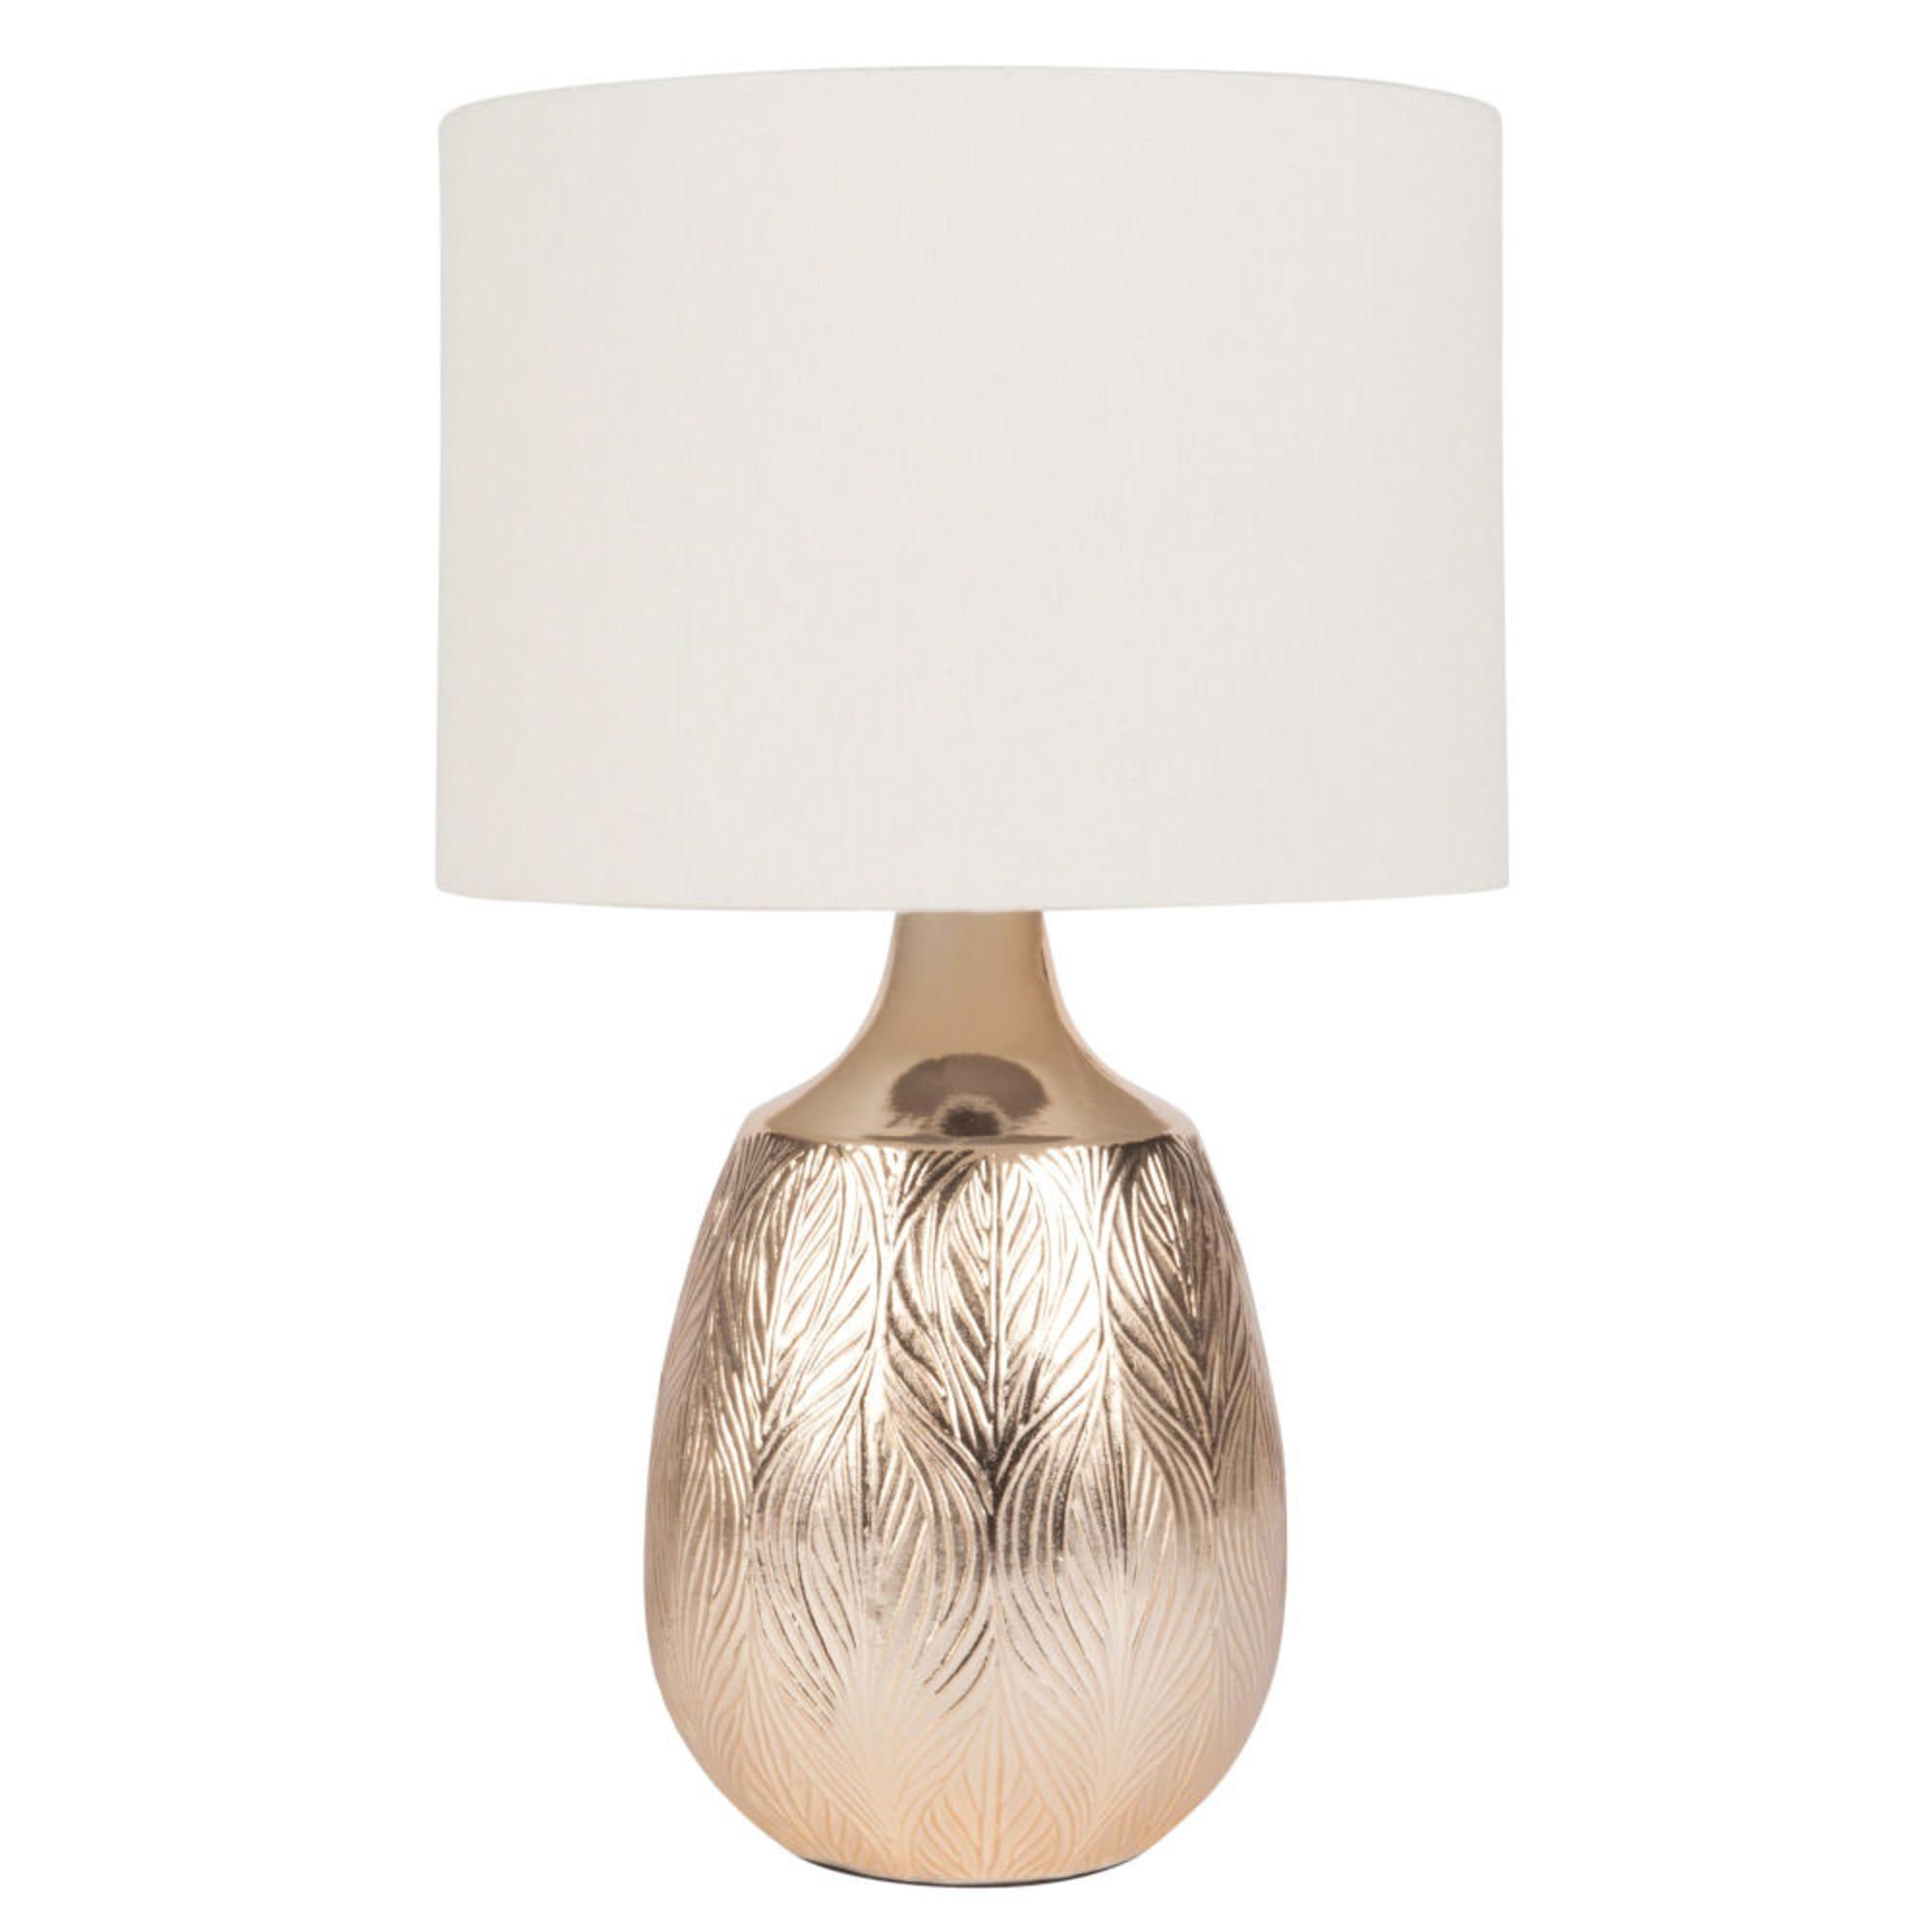 Lámpara de cerámica dorada con hojas grabadas y pantalla color crudo